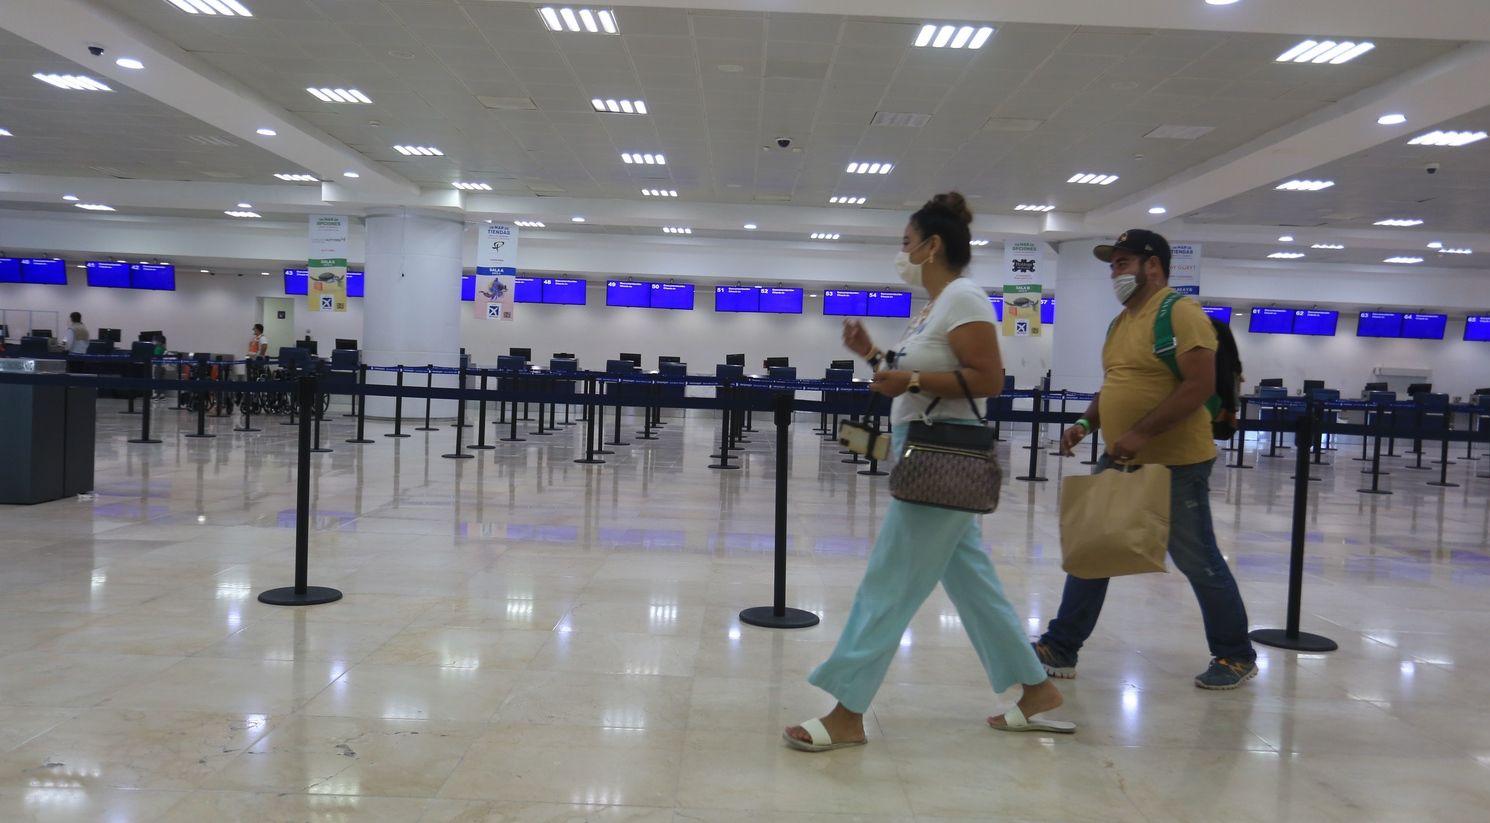 Turistas caminan en la zona de aduanas del aeropuerto internacional de Cancún.